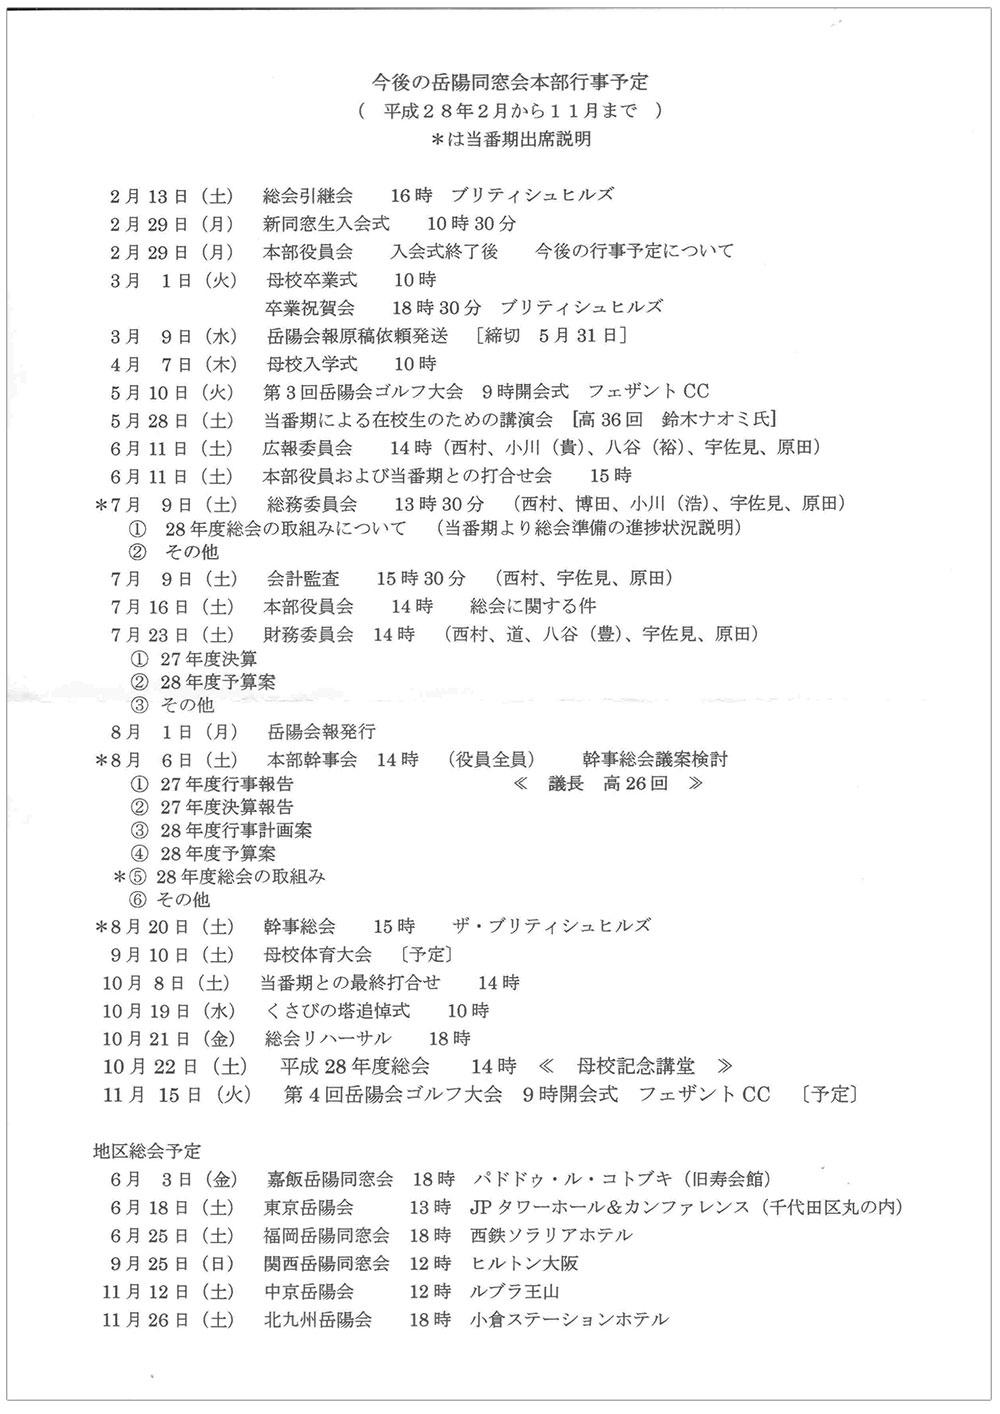 同窓会本部予定表-(6)